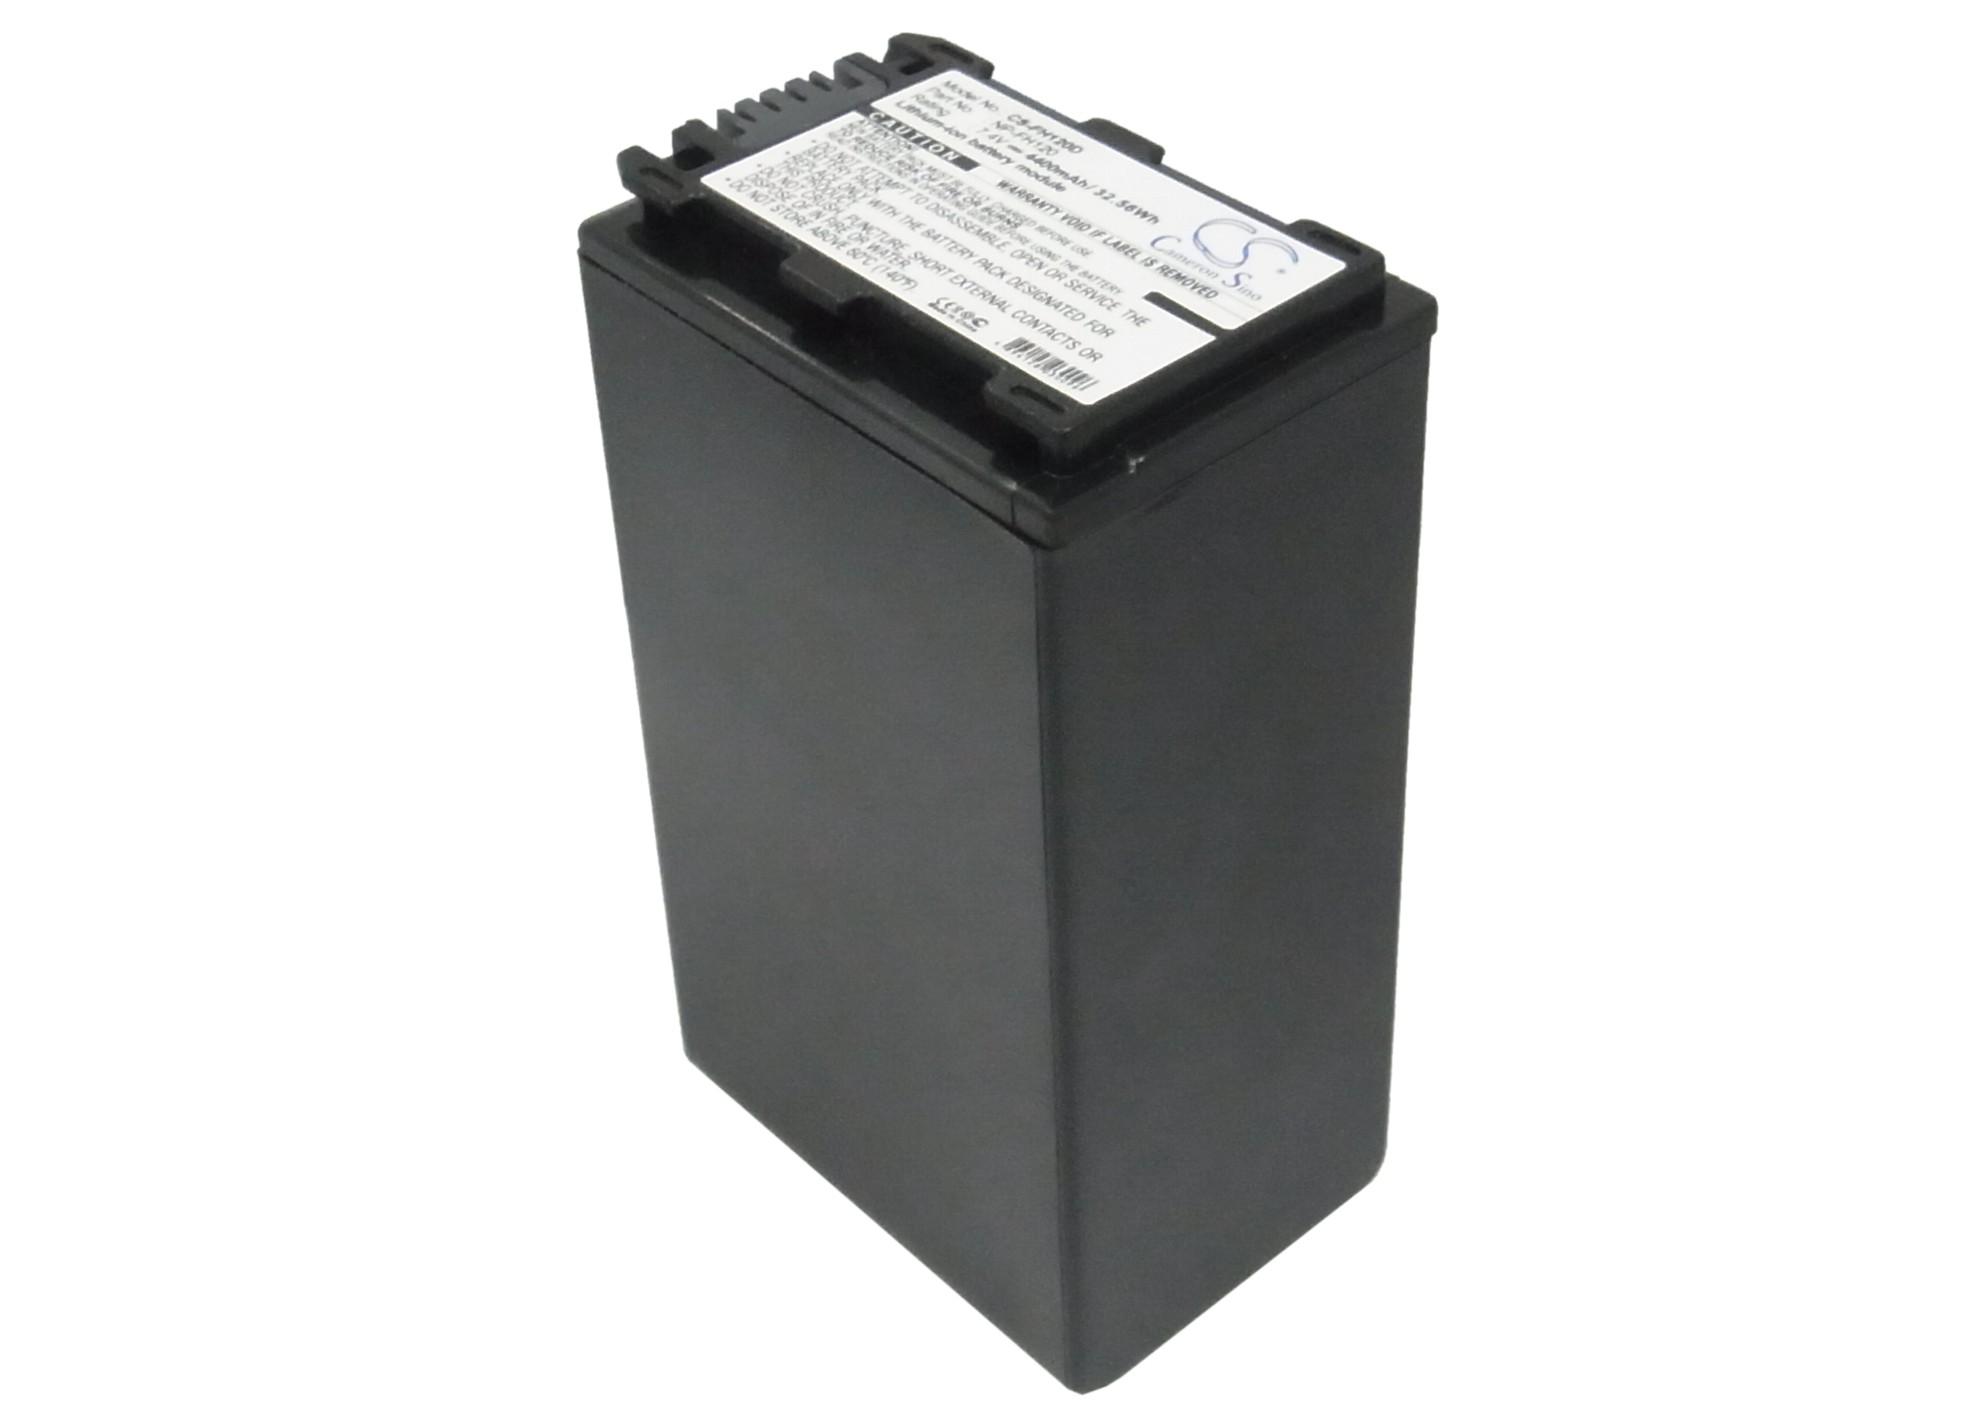 Cameron Sino baterie do kamer a fotoaparátů pro SONY DCR-HC85 7.4V Li-ion 4400mAh černá - neoriginální